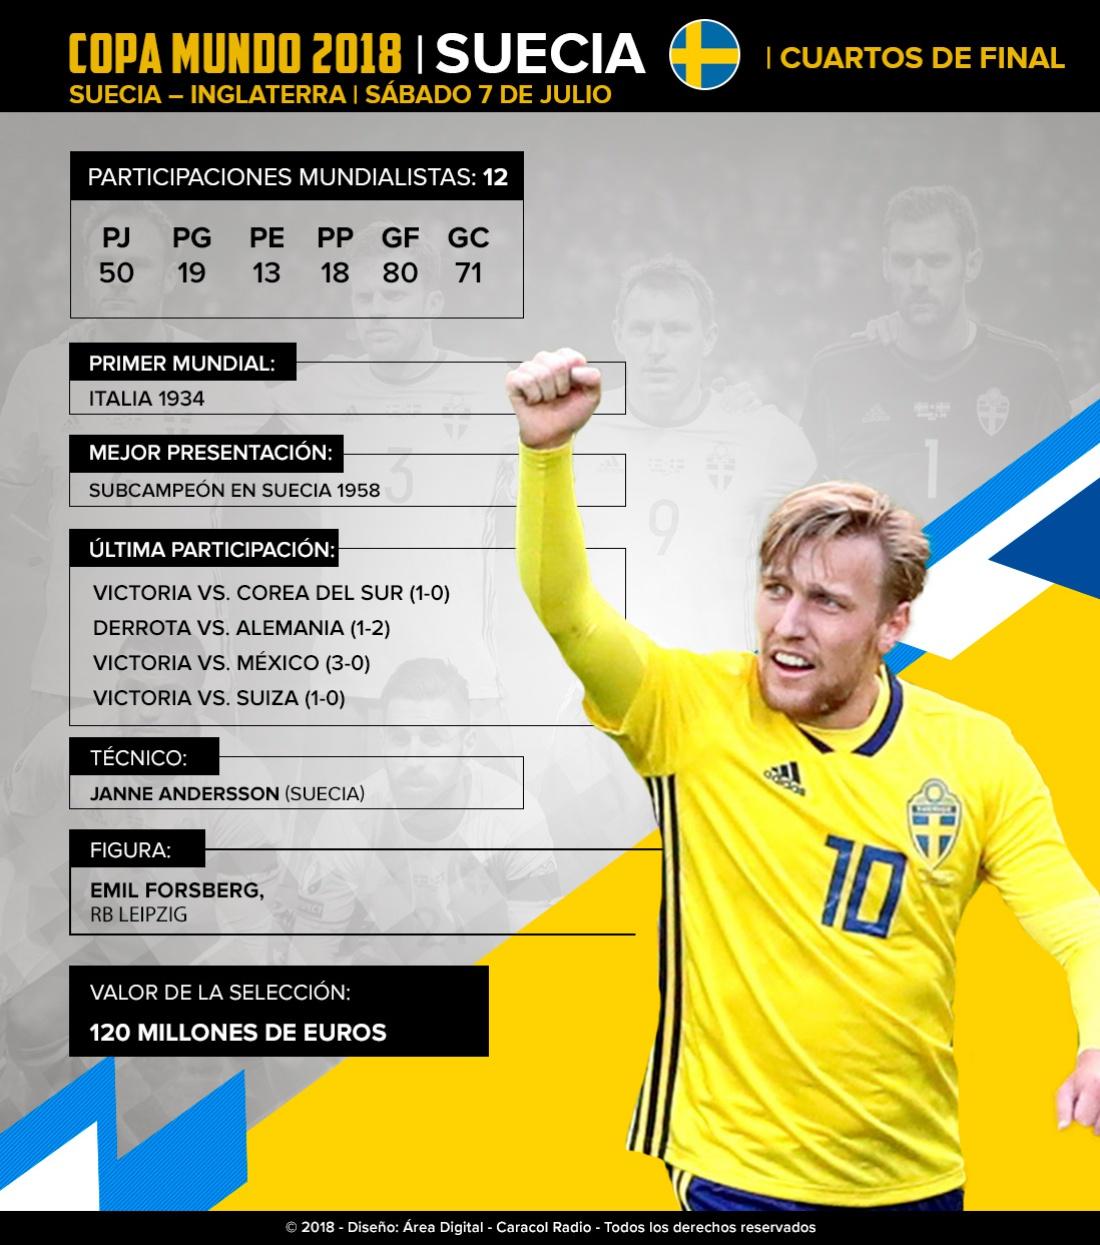 Suecia Rusia 2018: Suecia: Los 'vikingos' quieren seguir dando la sorpresa en Rusia 2018